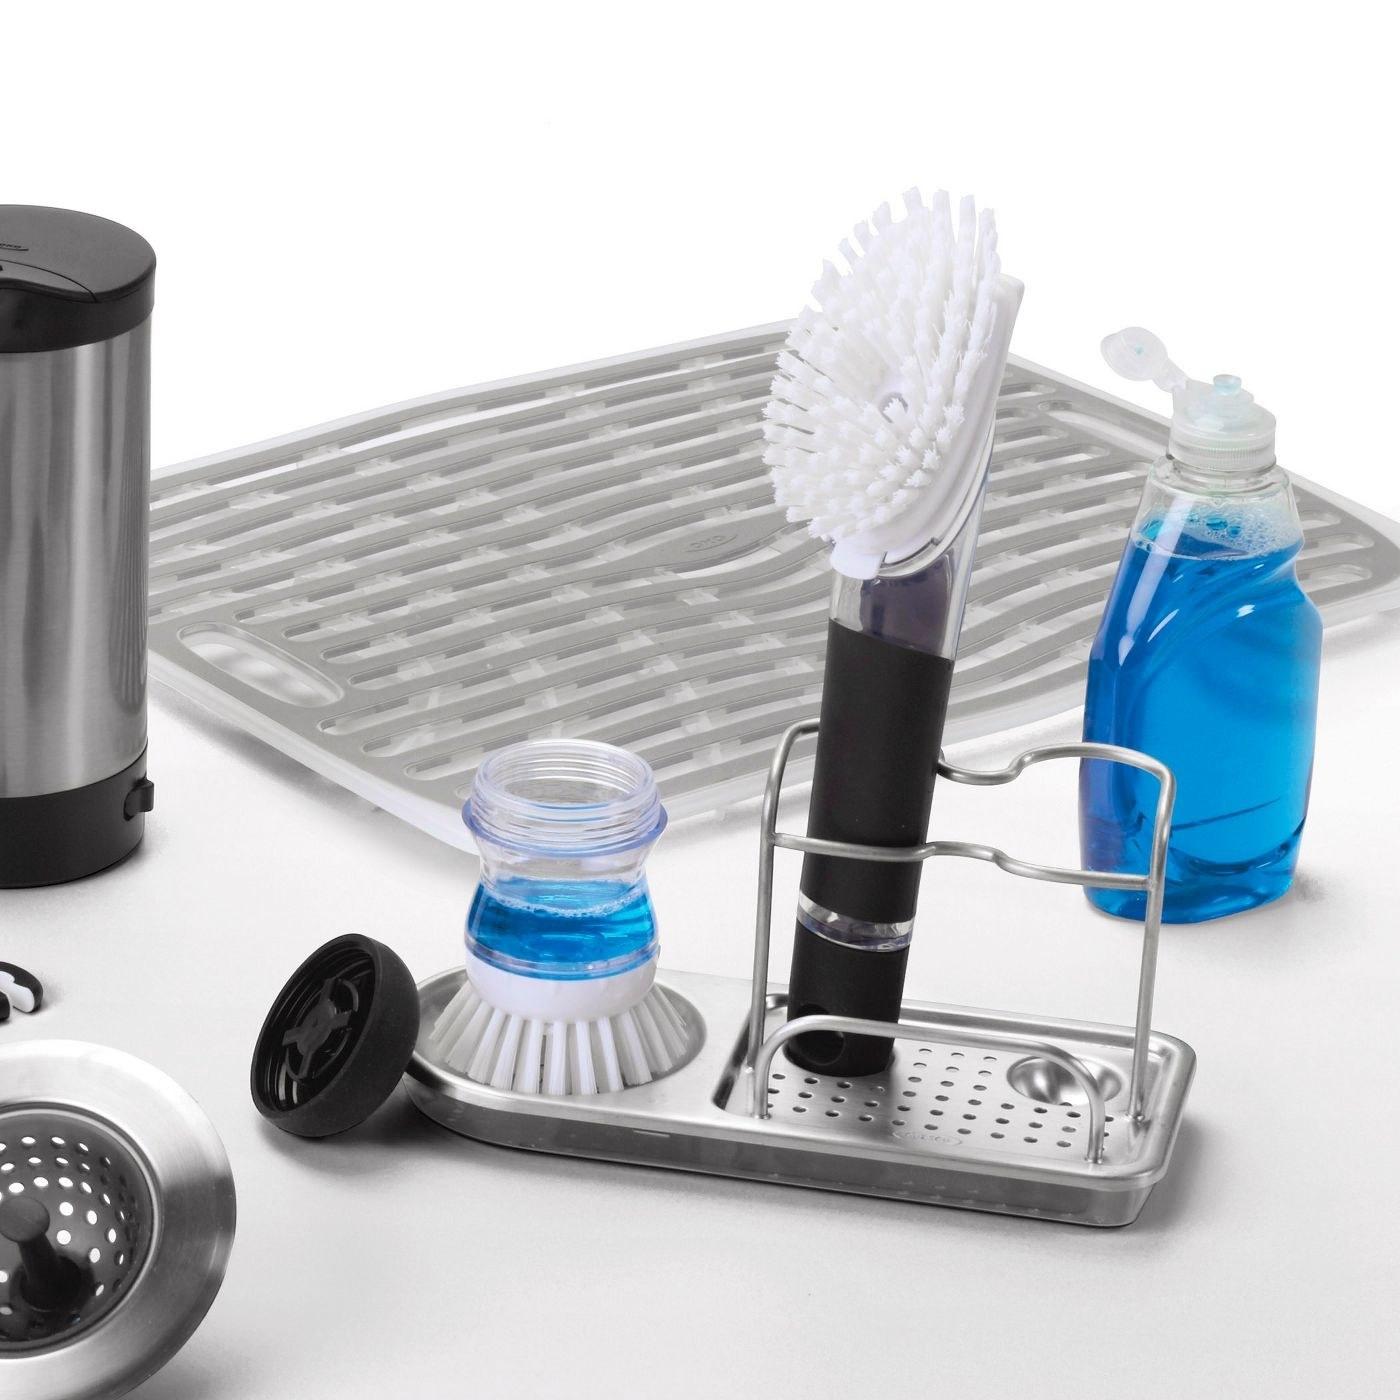 Stainless steel sink organizer